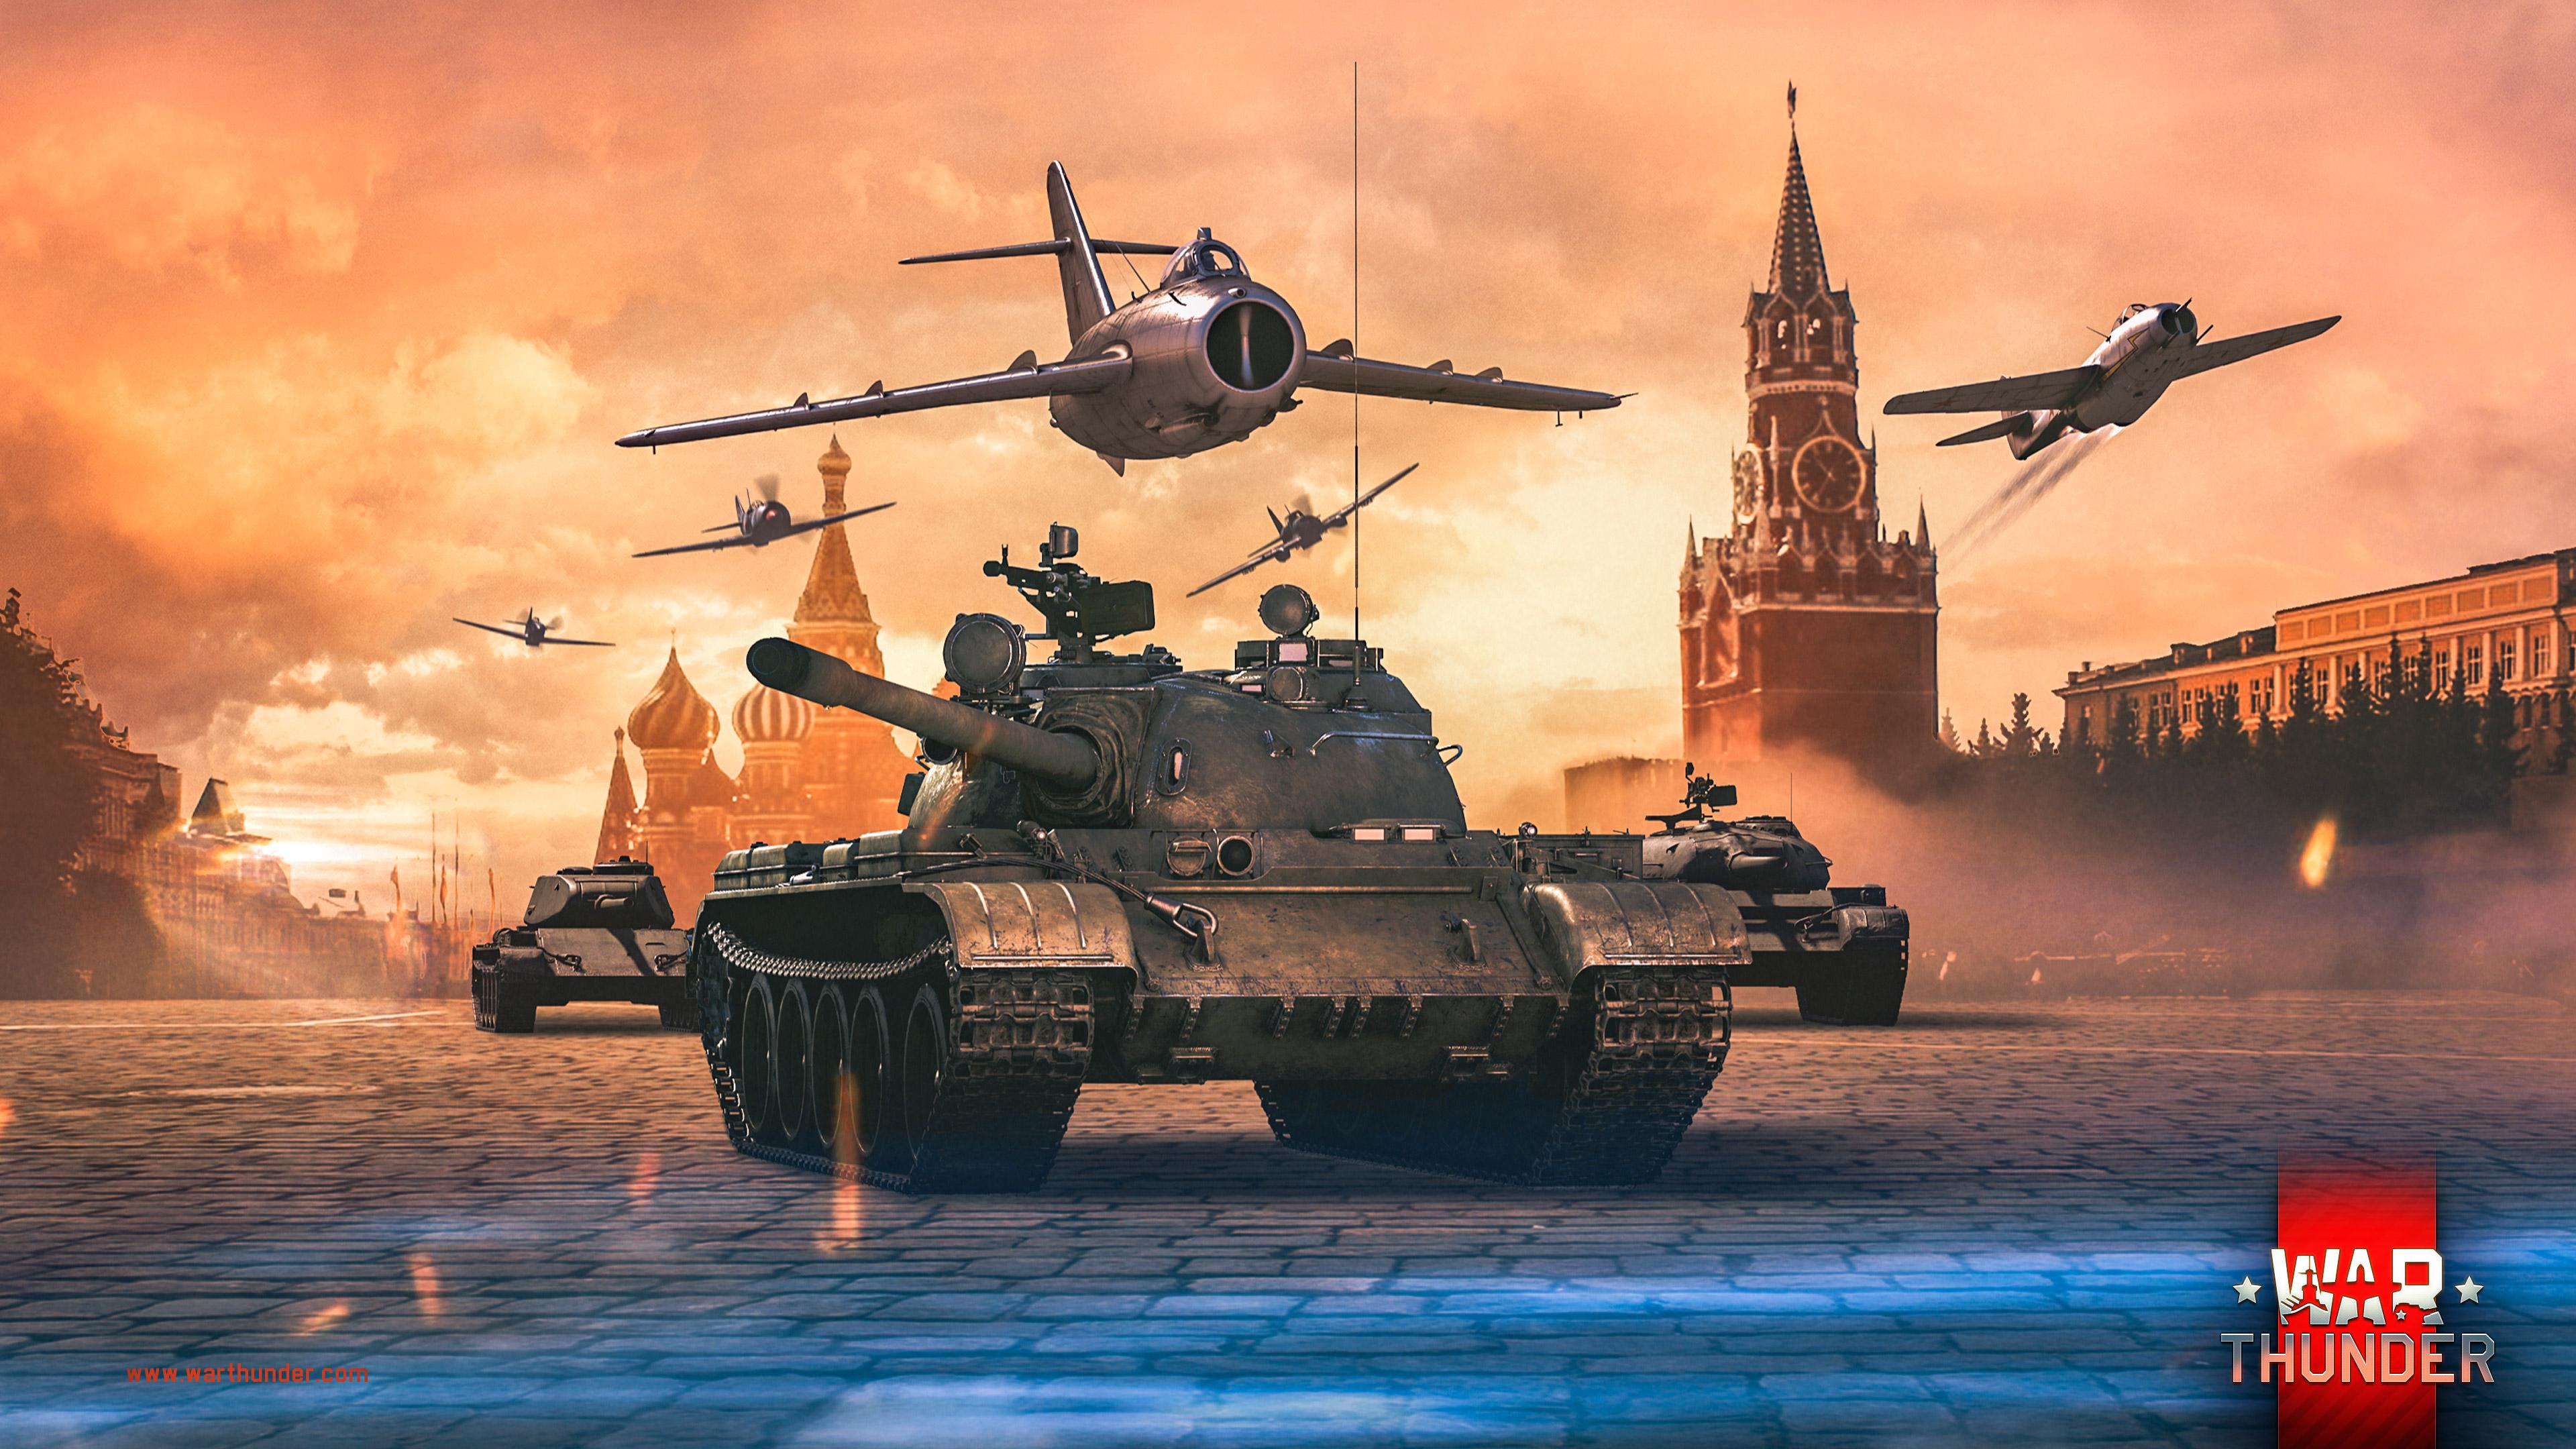 Wallpapers - Media - War Thunder